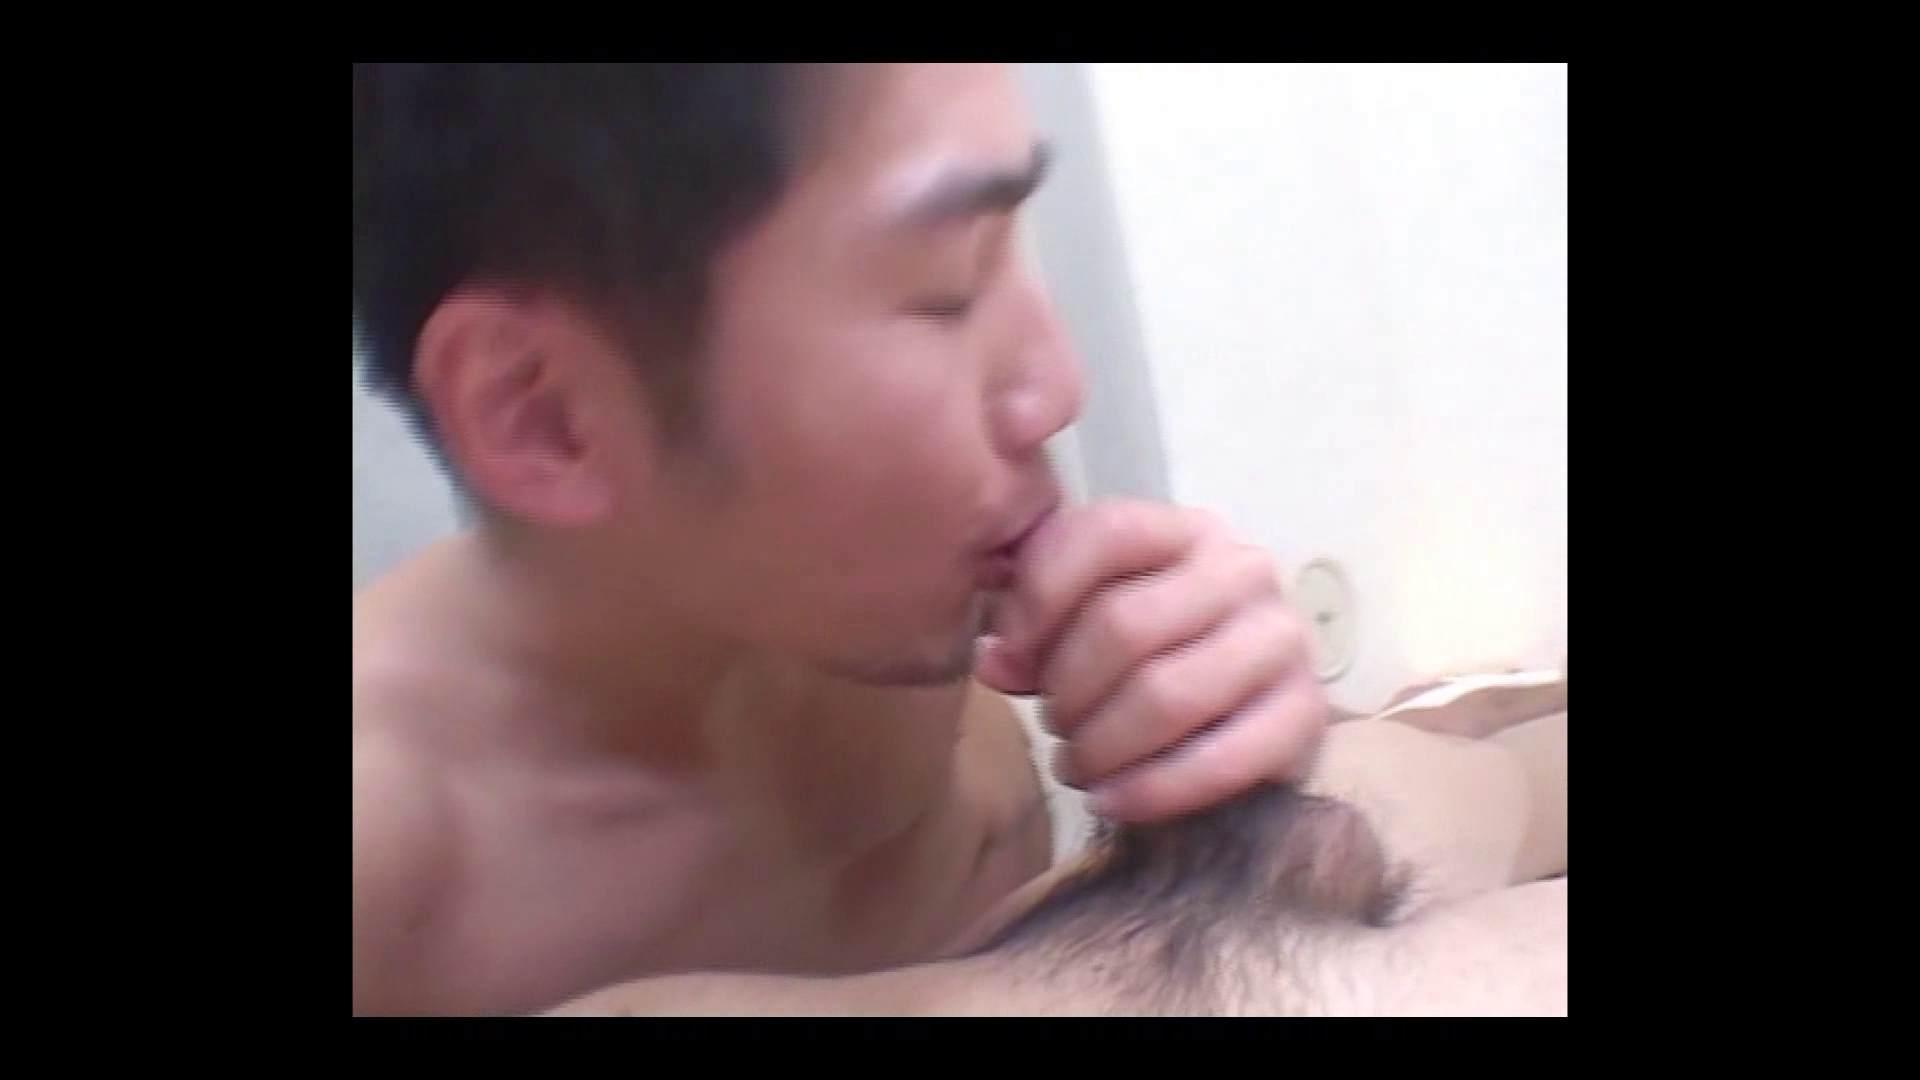 ノンケイケメンの欲望と肉棒 Vol.11 肉にく男子 ゲイ無料エロ画像 65枚 65